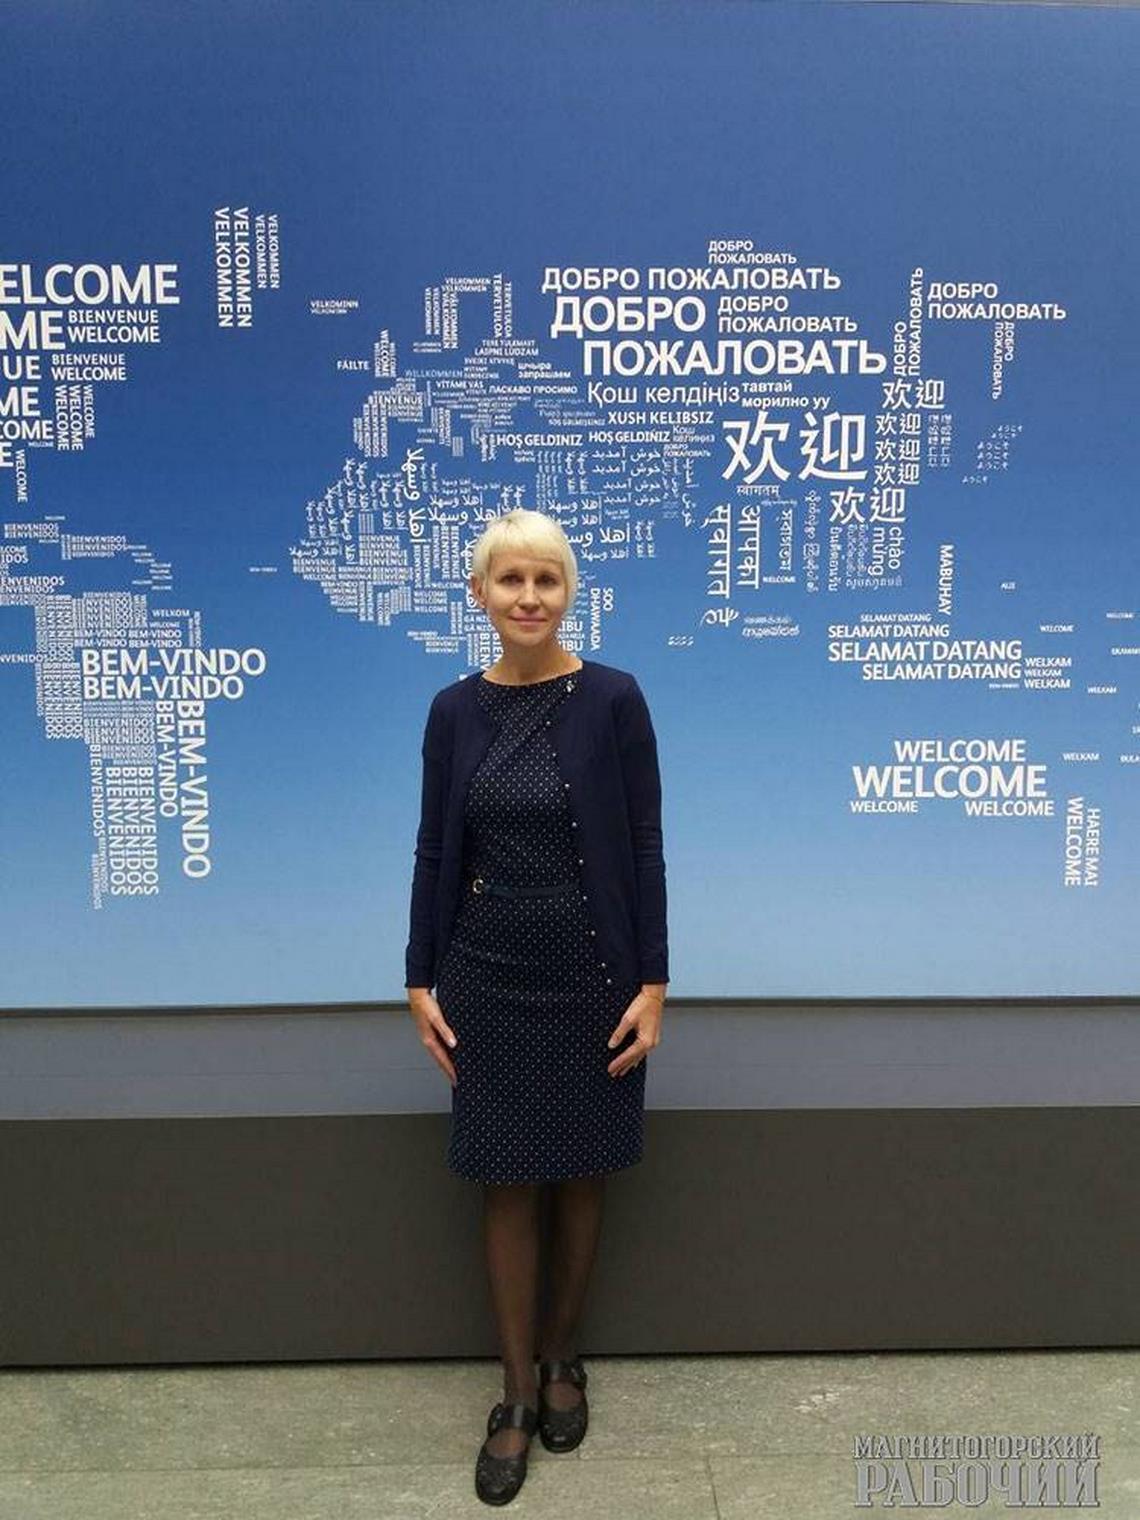 Награждение состоялось в Берлине. Учителя из Магнитогорска отметилина международном уровне